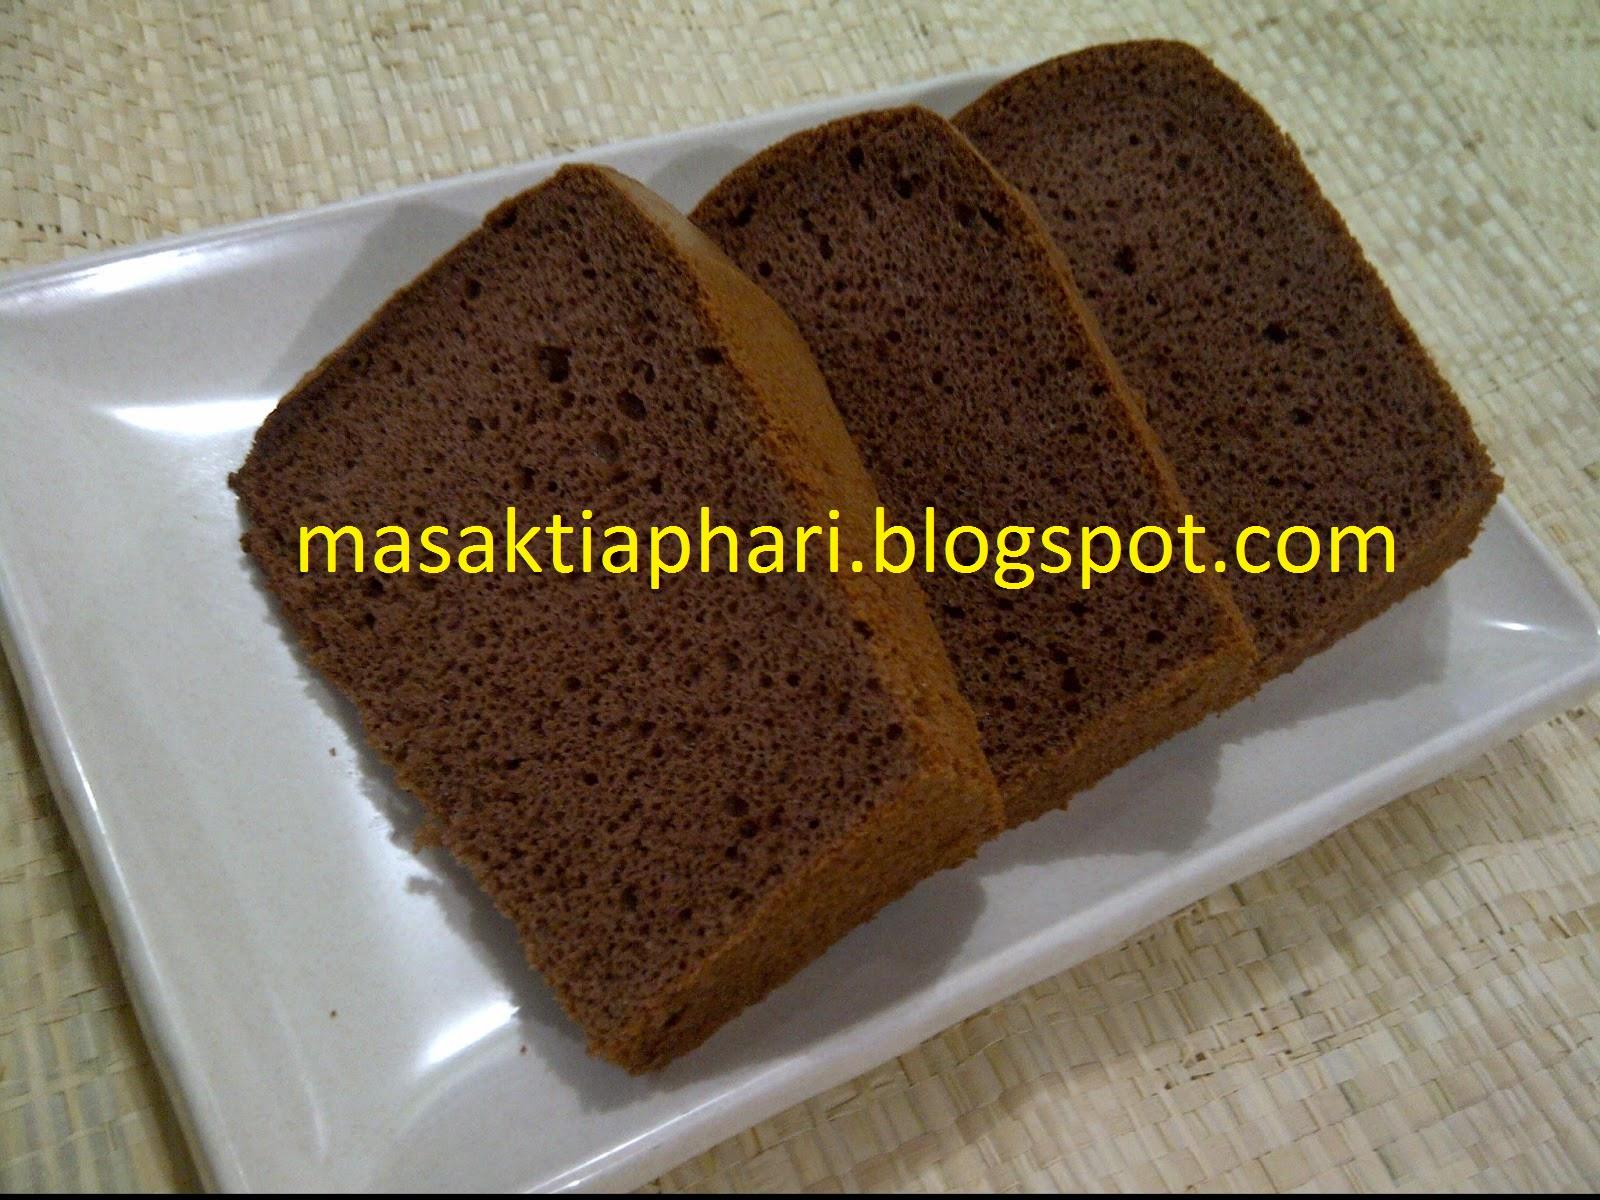 Resep Bolu Jadul Coklat Anti Gagal: Resep Membuat Bolu Coklat Spesial Anti Bantat